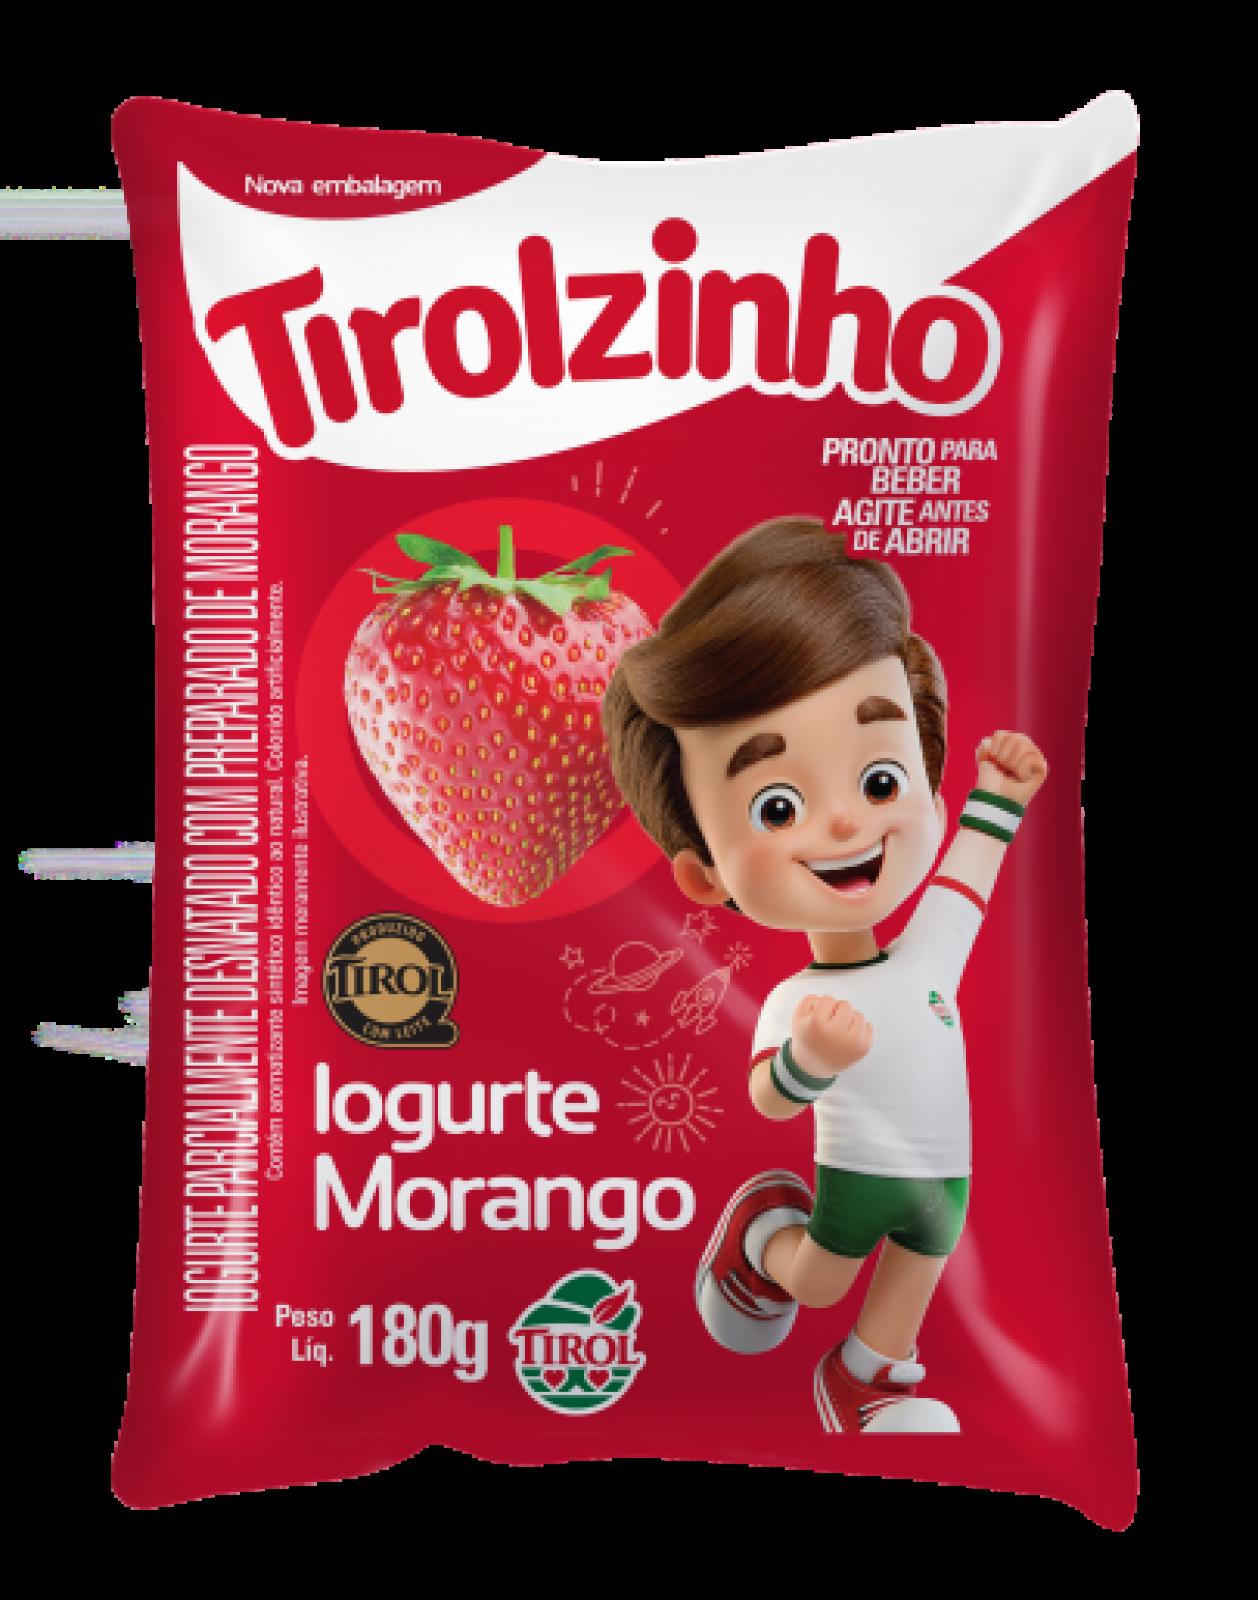 Iogurte Morango Tirolzinho 180g